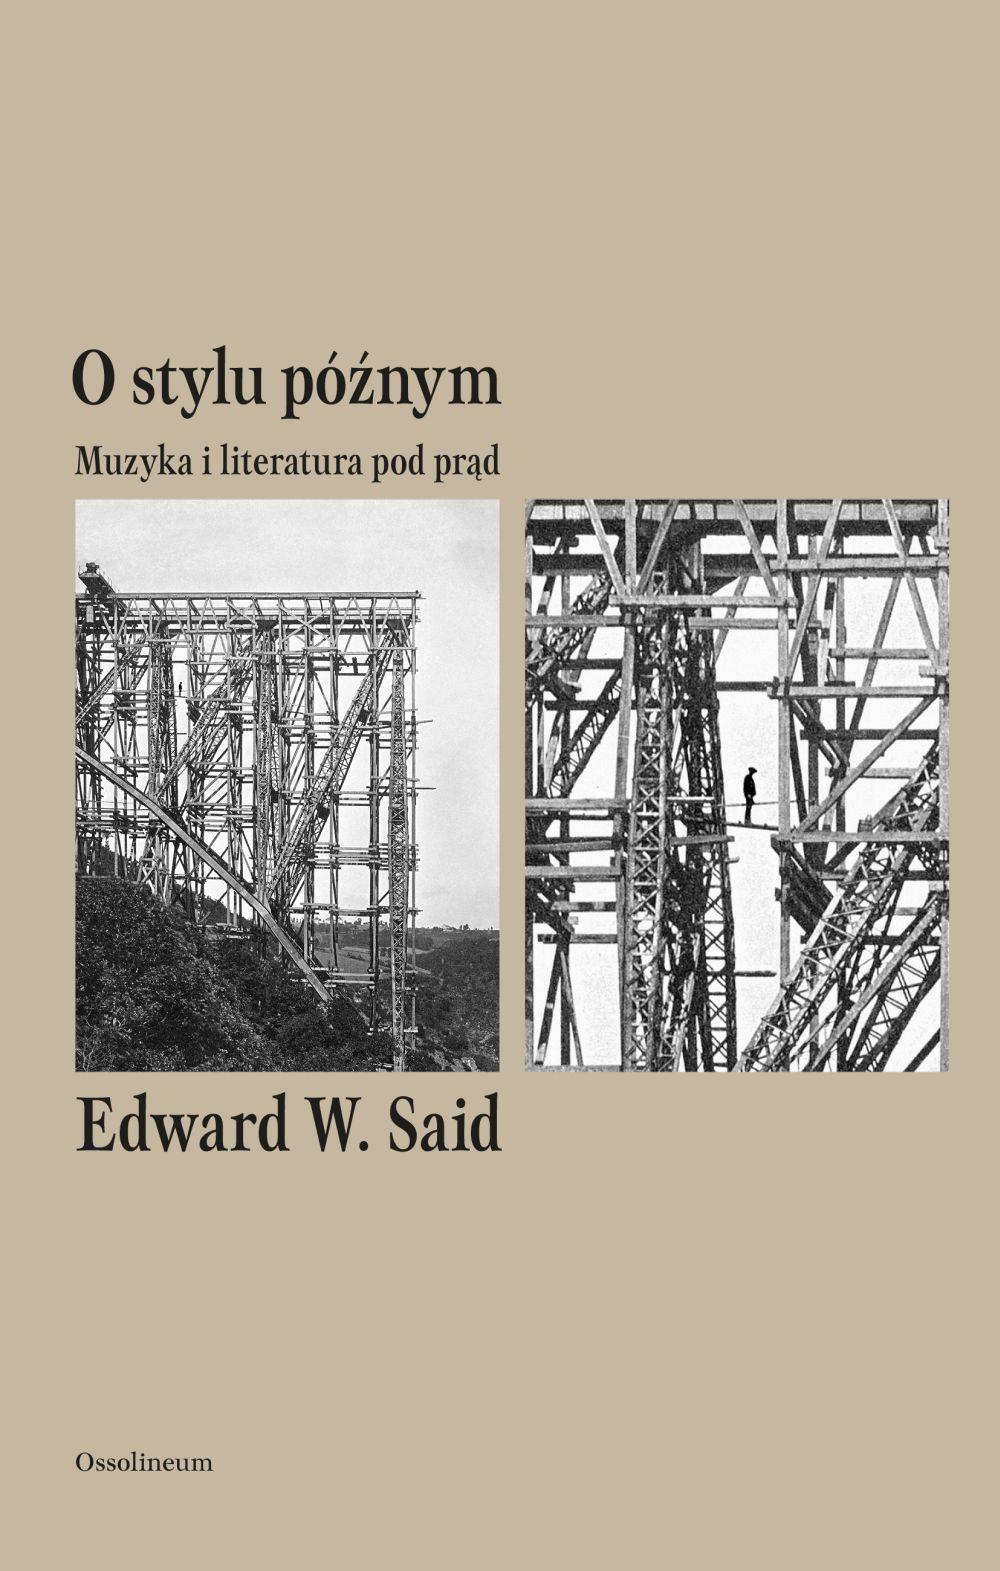 O stylu późnym. Muzyka i literatura pod prąd - Ebook (Książka na Kindle) do pobrania w formacie MOBI